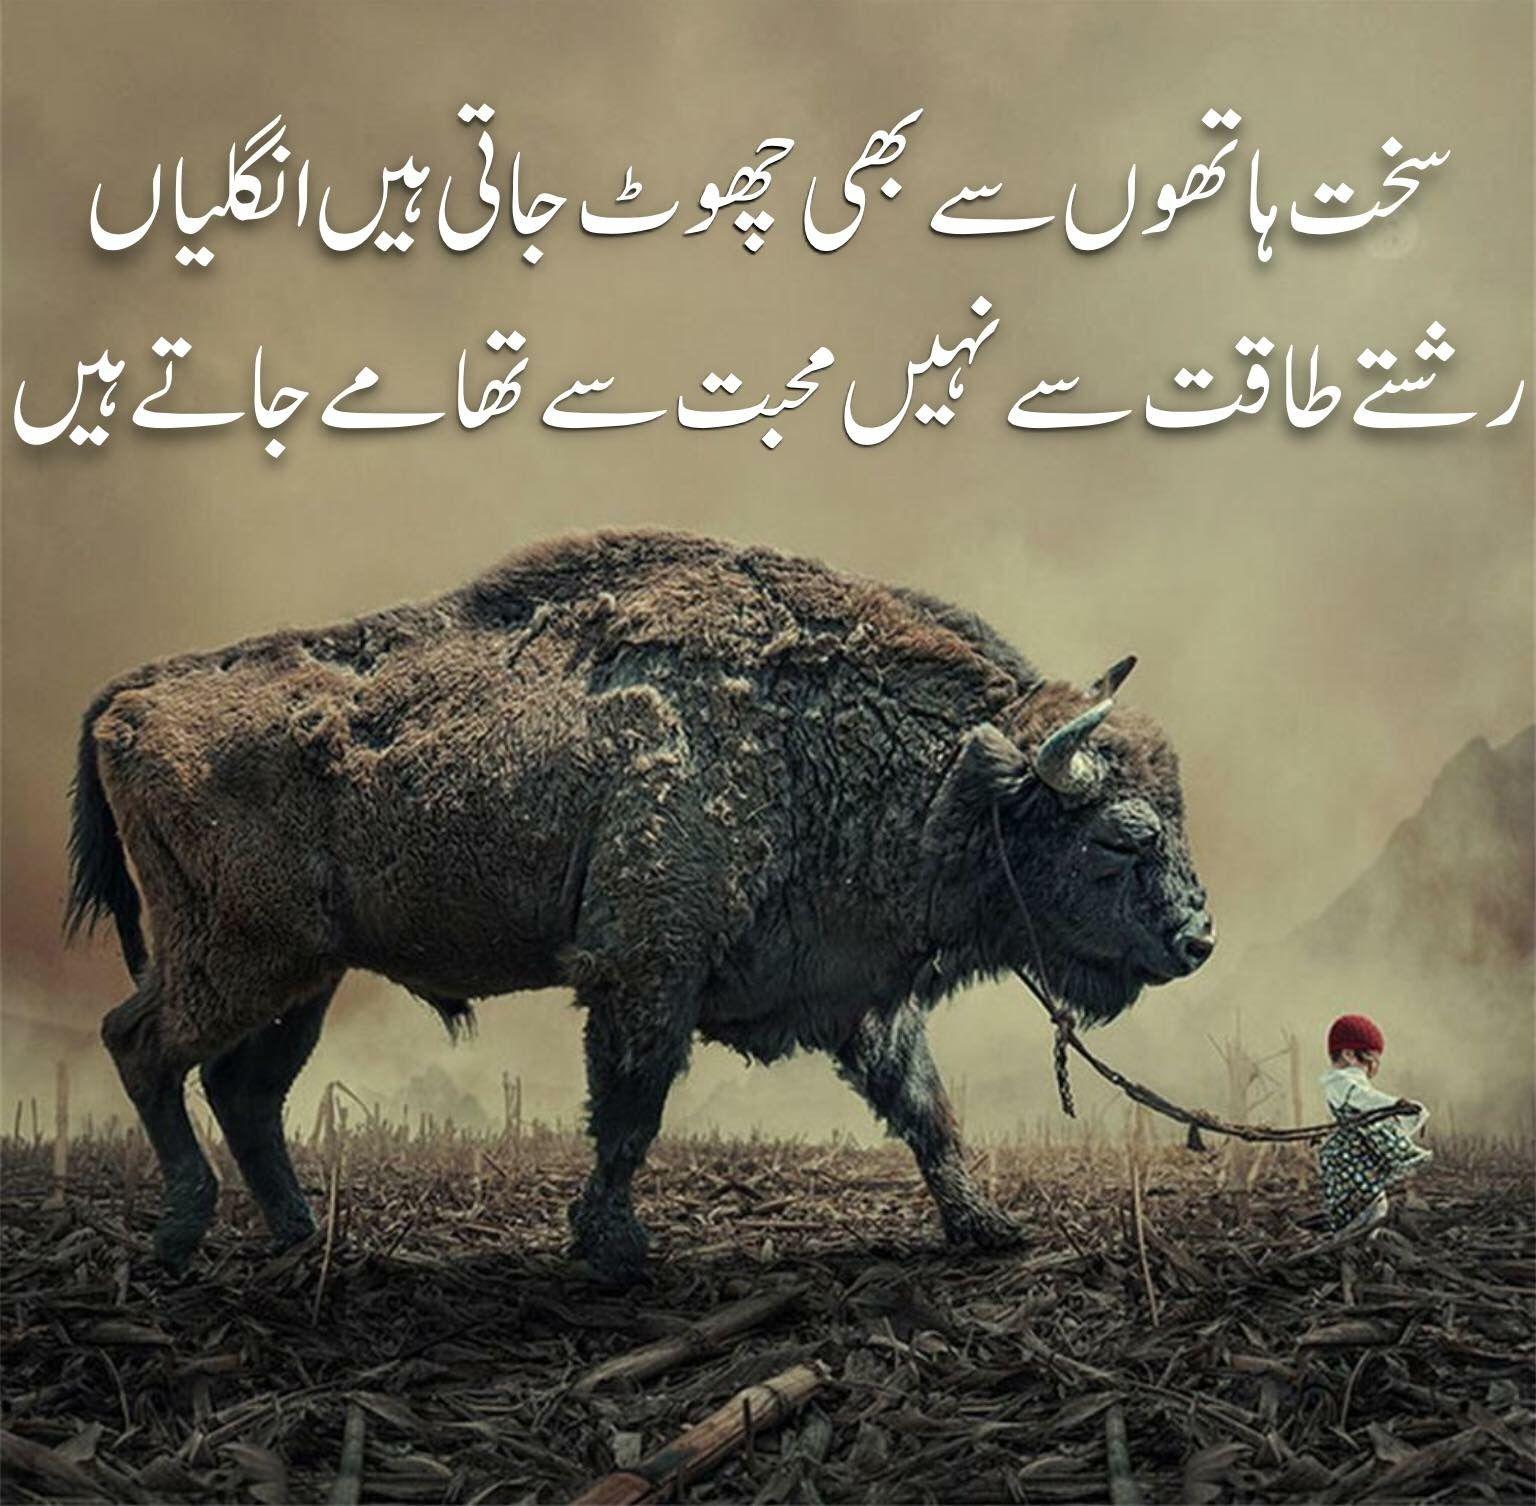 Quotes For Life Urdu Funny Poetry Best Urdu Poetry Images Nice Poetry